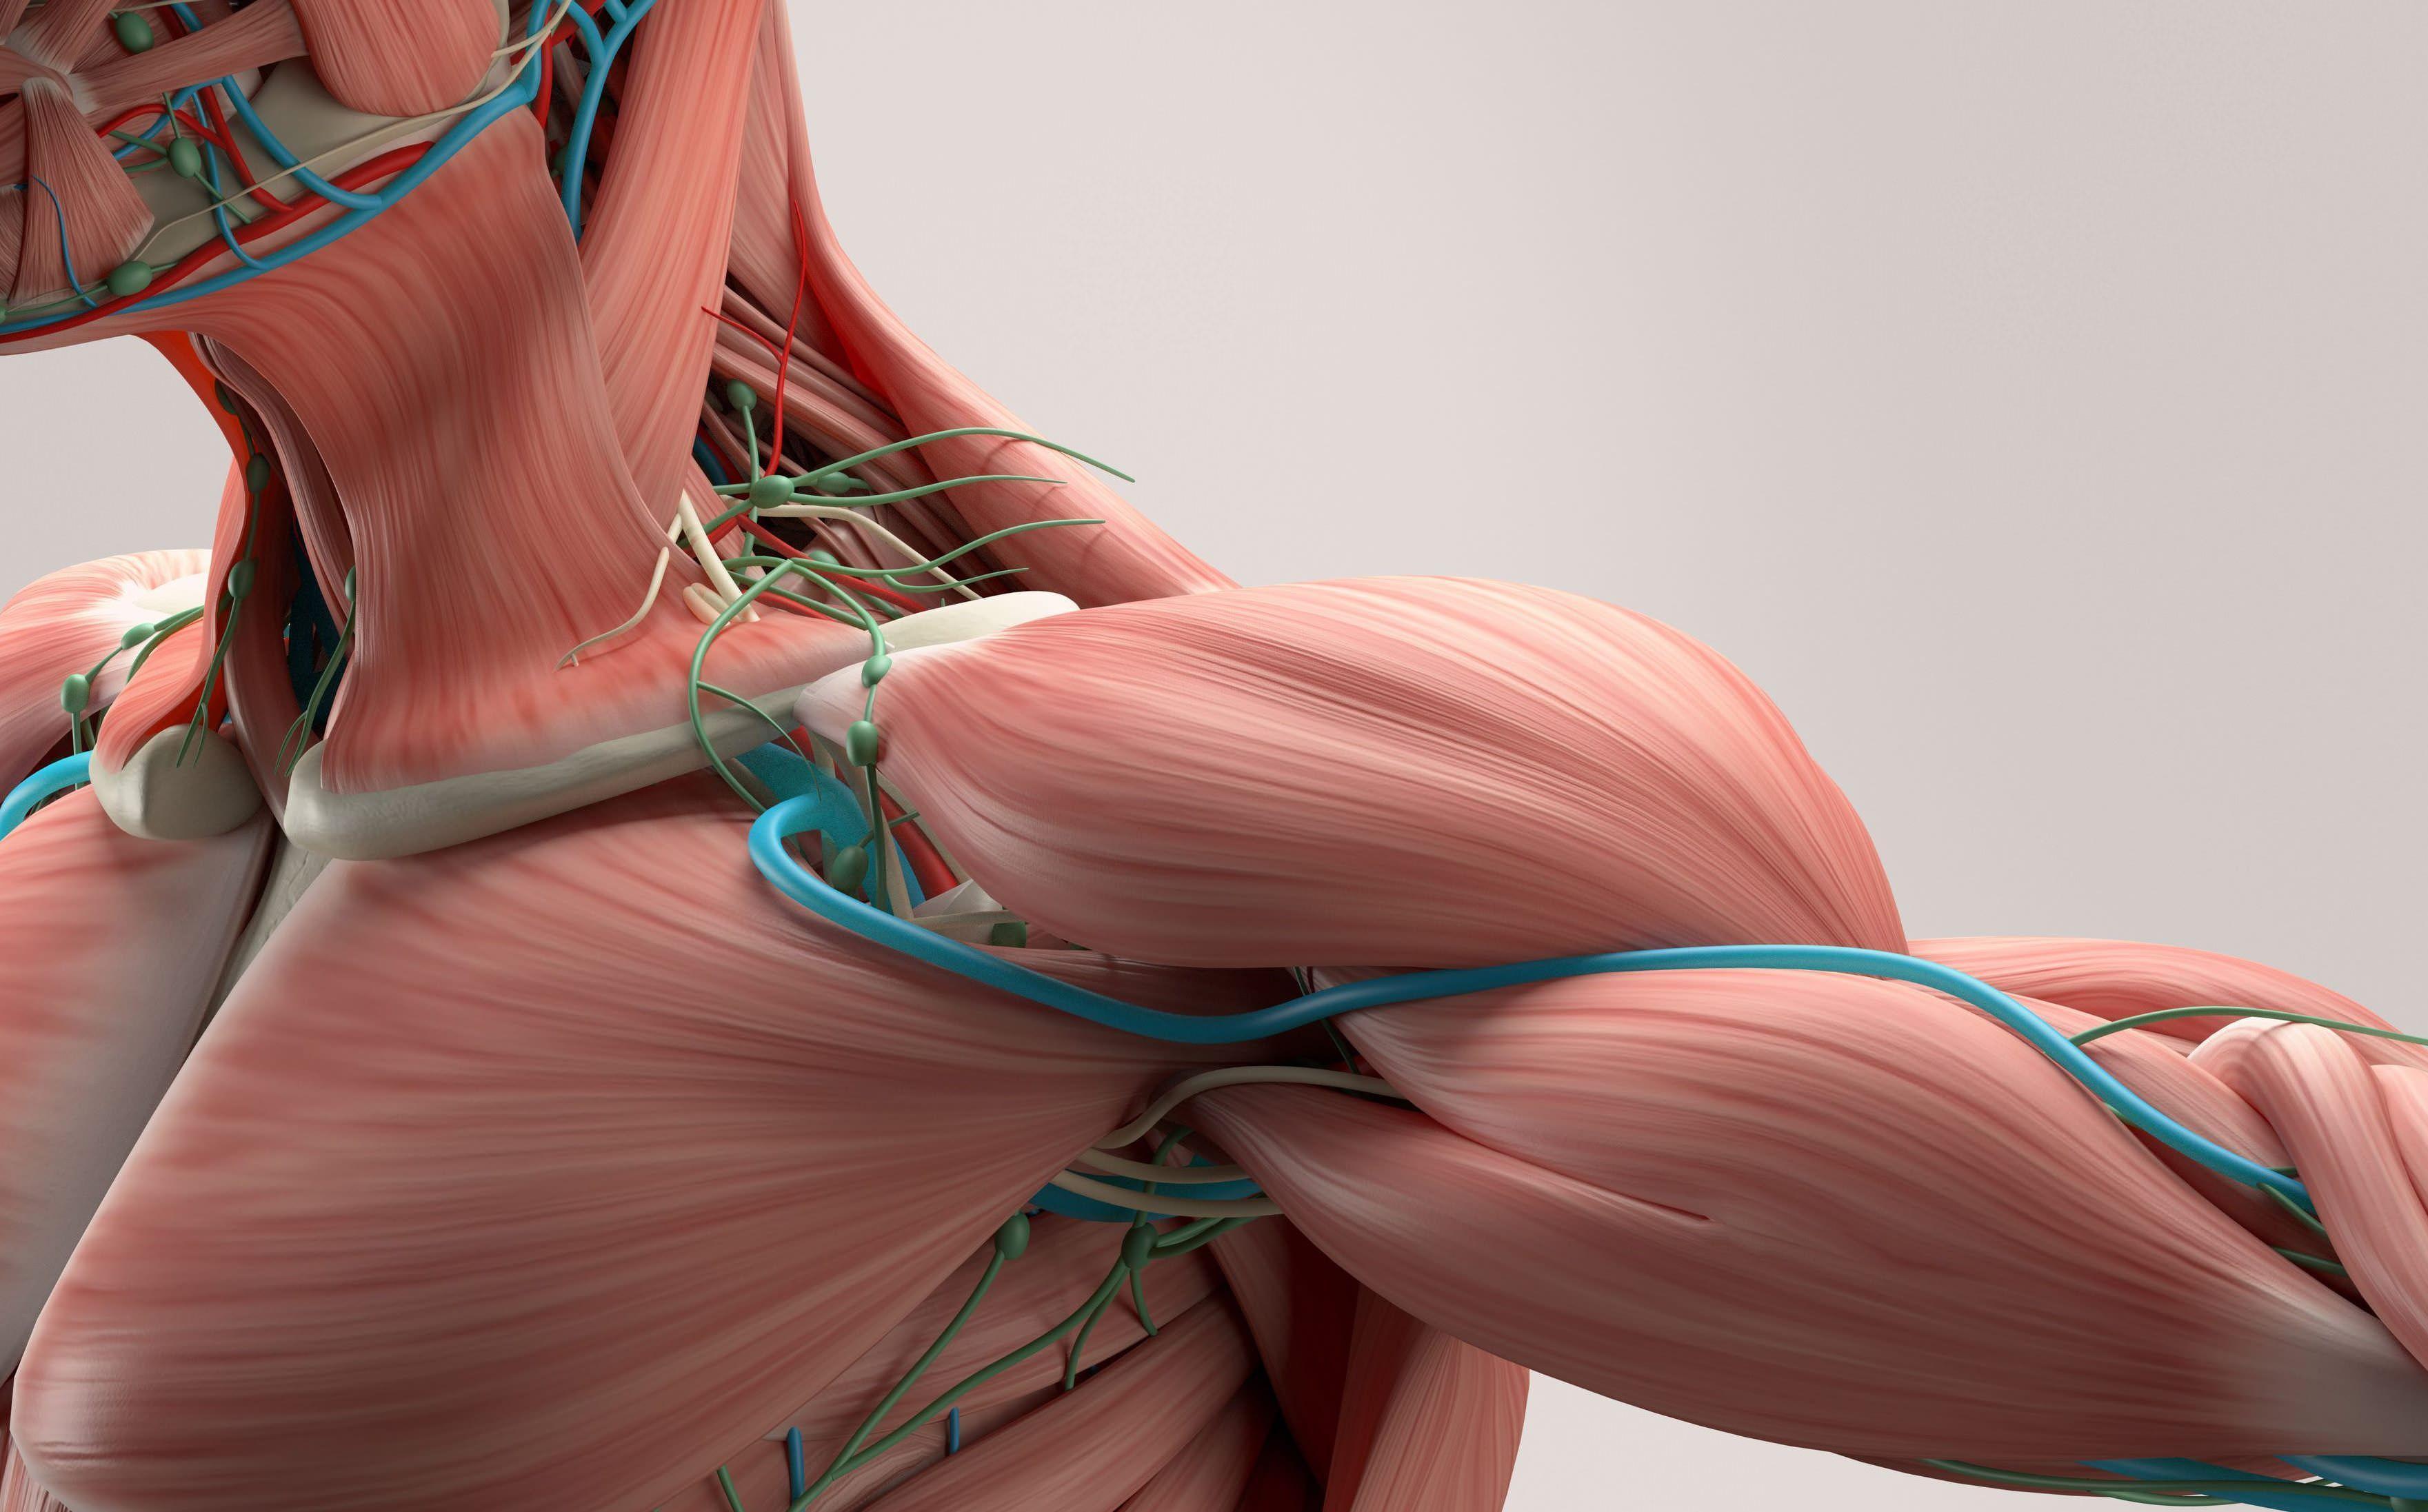 Низкий уровень глюкозы назвали помощником в восстановлении мышц